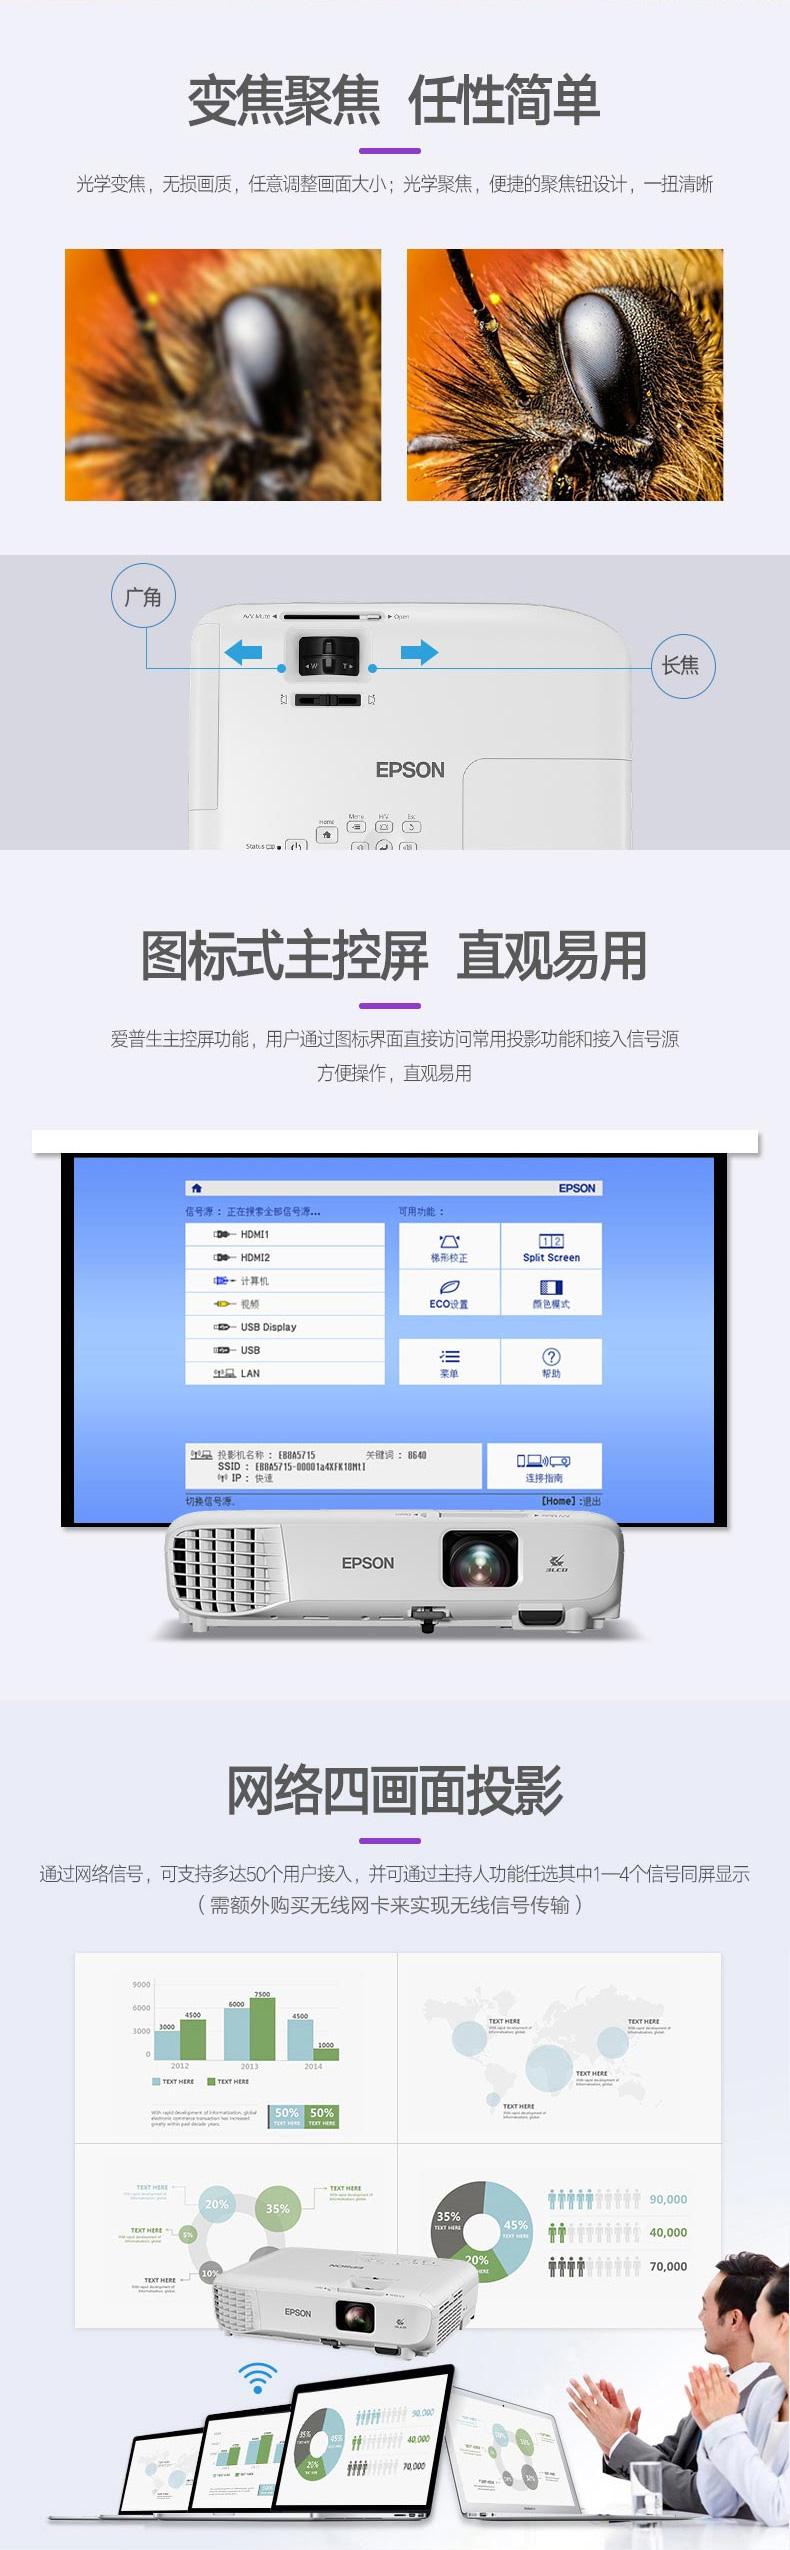 CB-X05_02.jpg